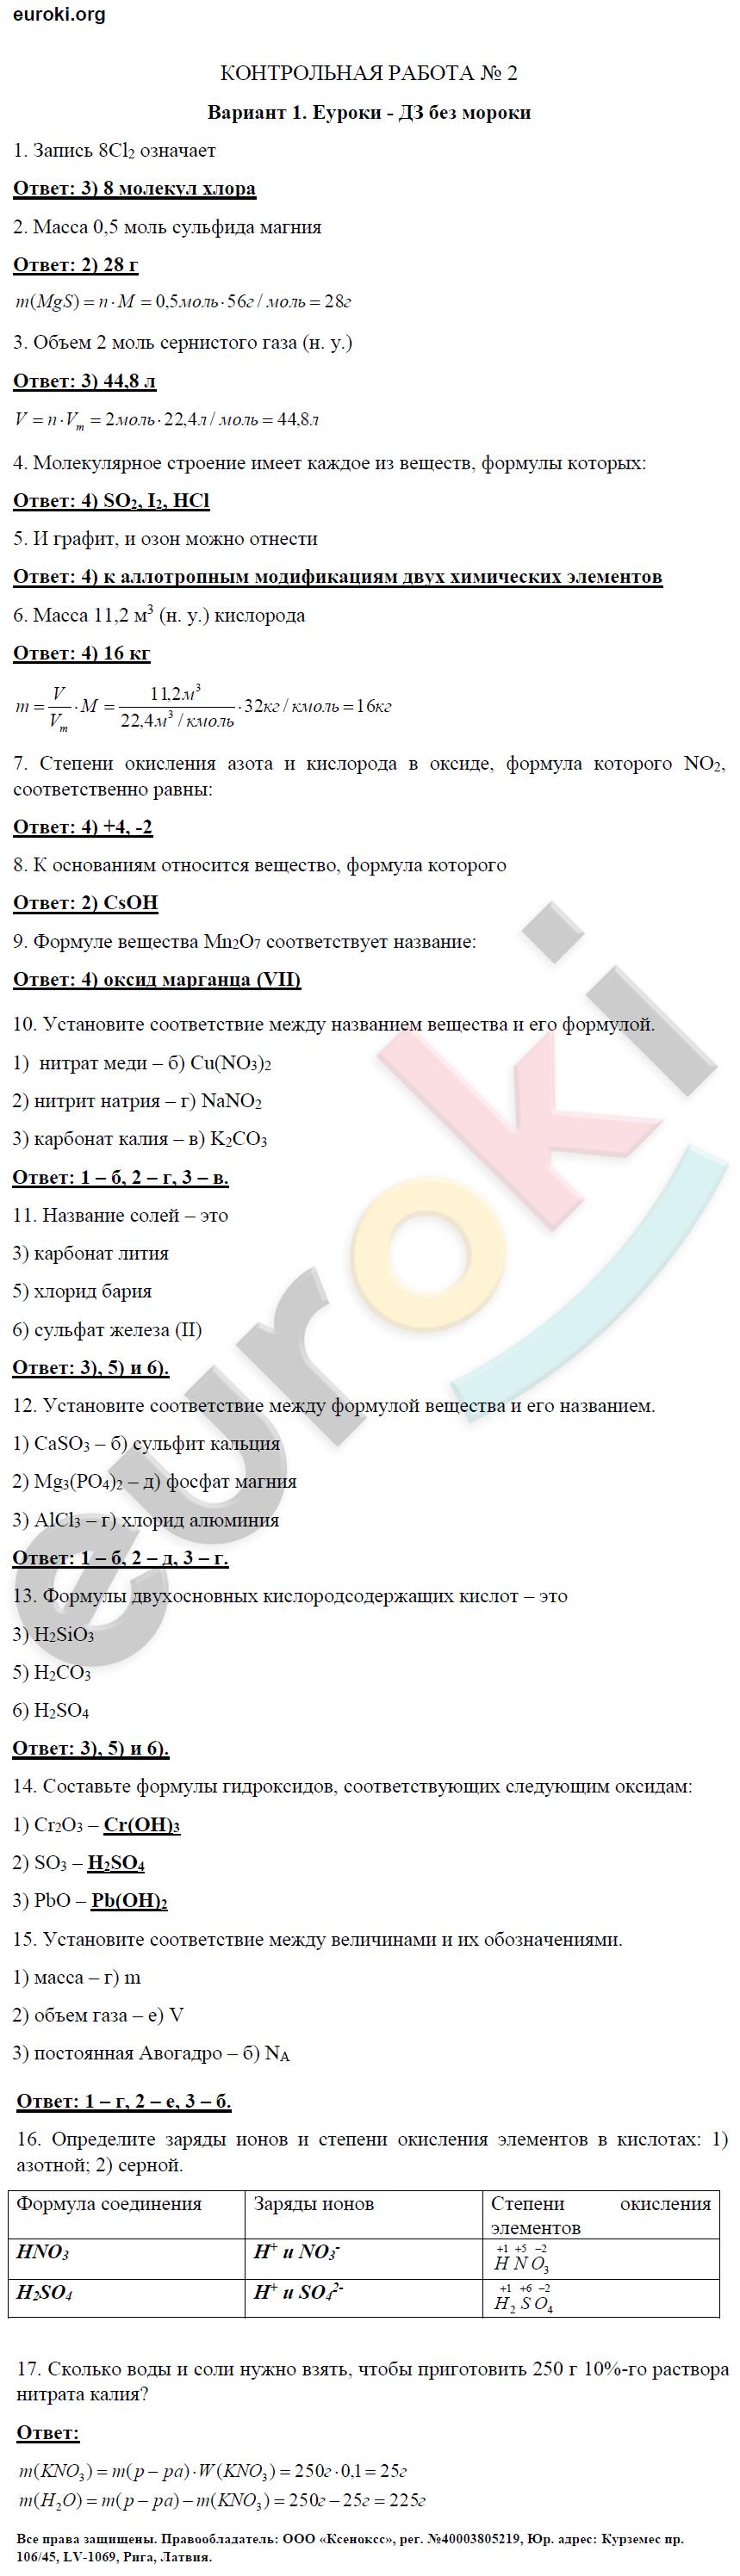 вариант гдз химии 2 работа 8класс полугодовая по контрольная